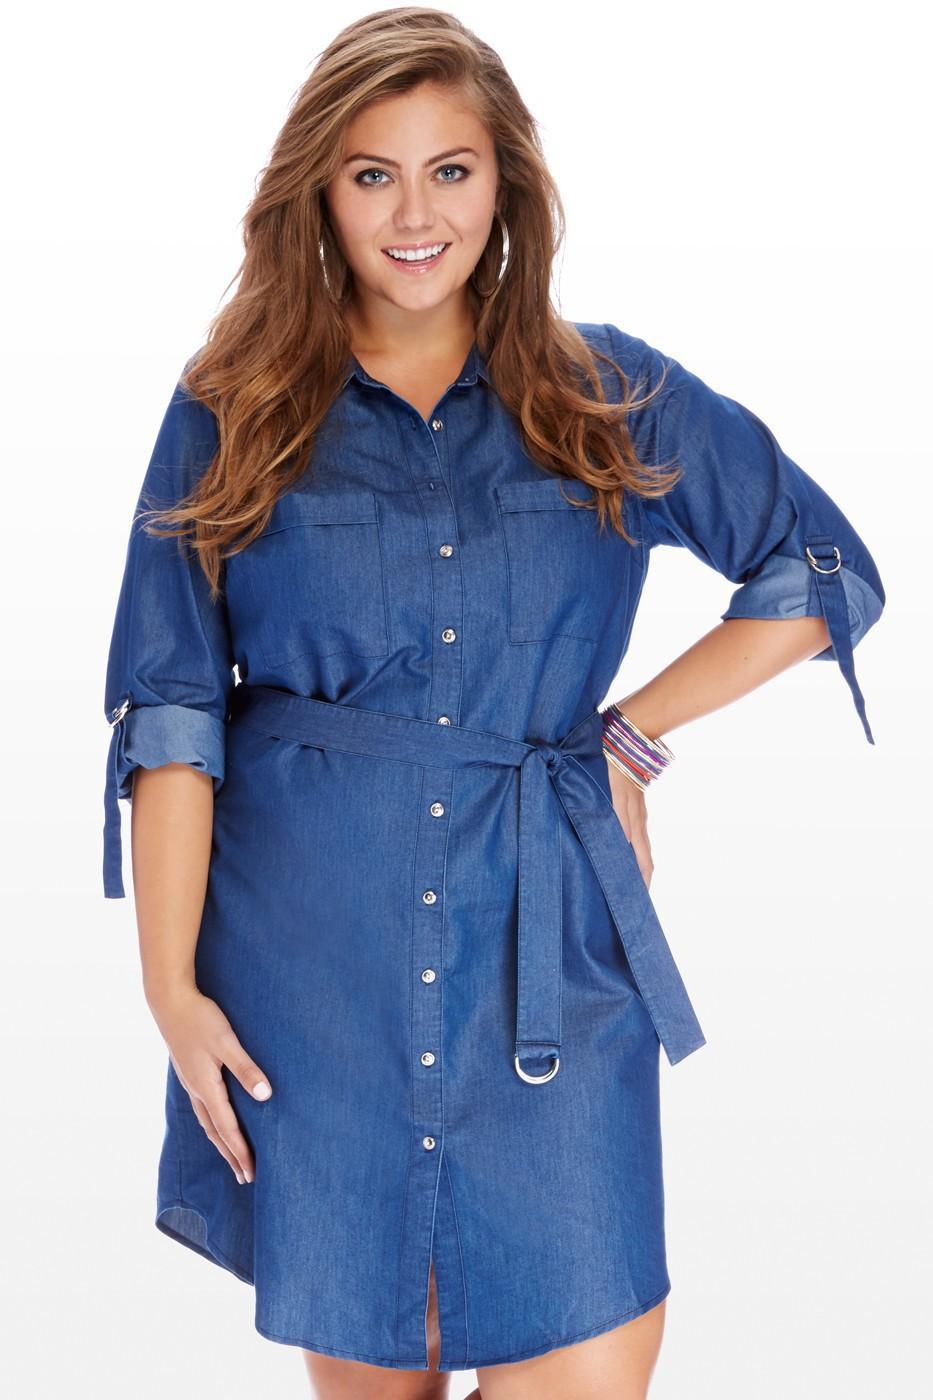 7da653bb08d Джинсовые платья для полных женщин 2019 (41 фото)  больших размеров ...